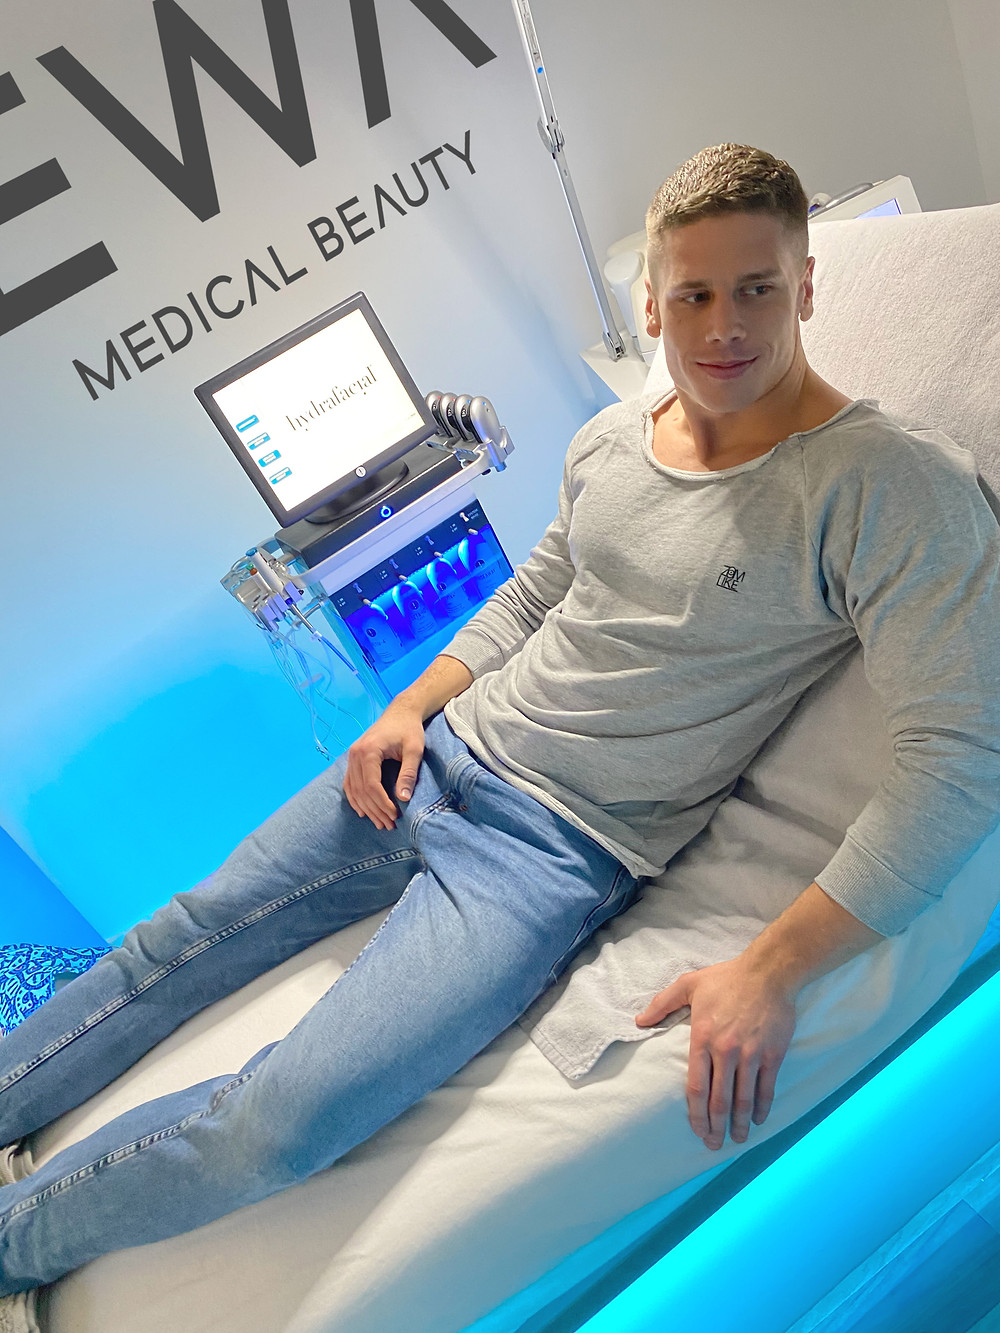 DJ ZoomLike schwört auf Hydrafacial in München bei Ewa Jürgens. EWA MEDICAL BEAUTY - Premiumstandort für Hydrafacial und Reviderm Kosmetik in München.